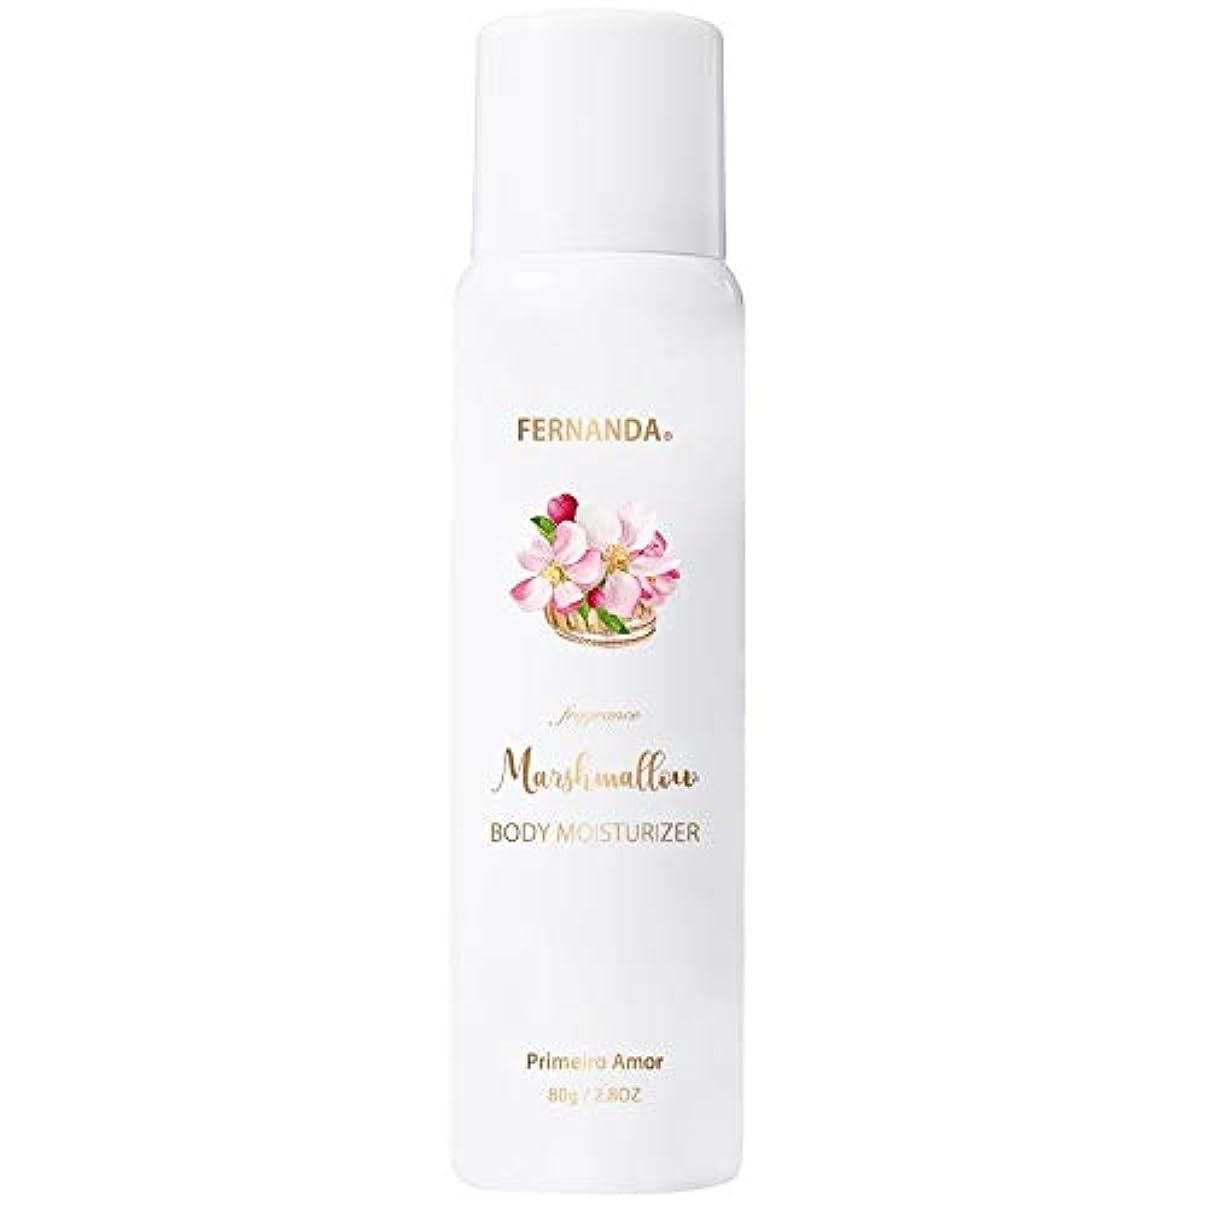 縫い目逸話添加FERNANDA(フェルナンダ) Marshmallow Body Moisturizer Primeiro Amor (マシュマロ ボディ モイスチャライザー プリメイロアモール)